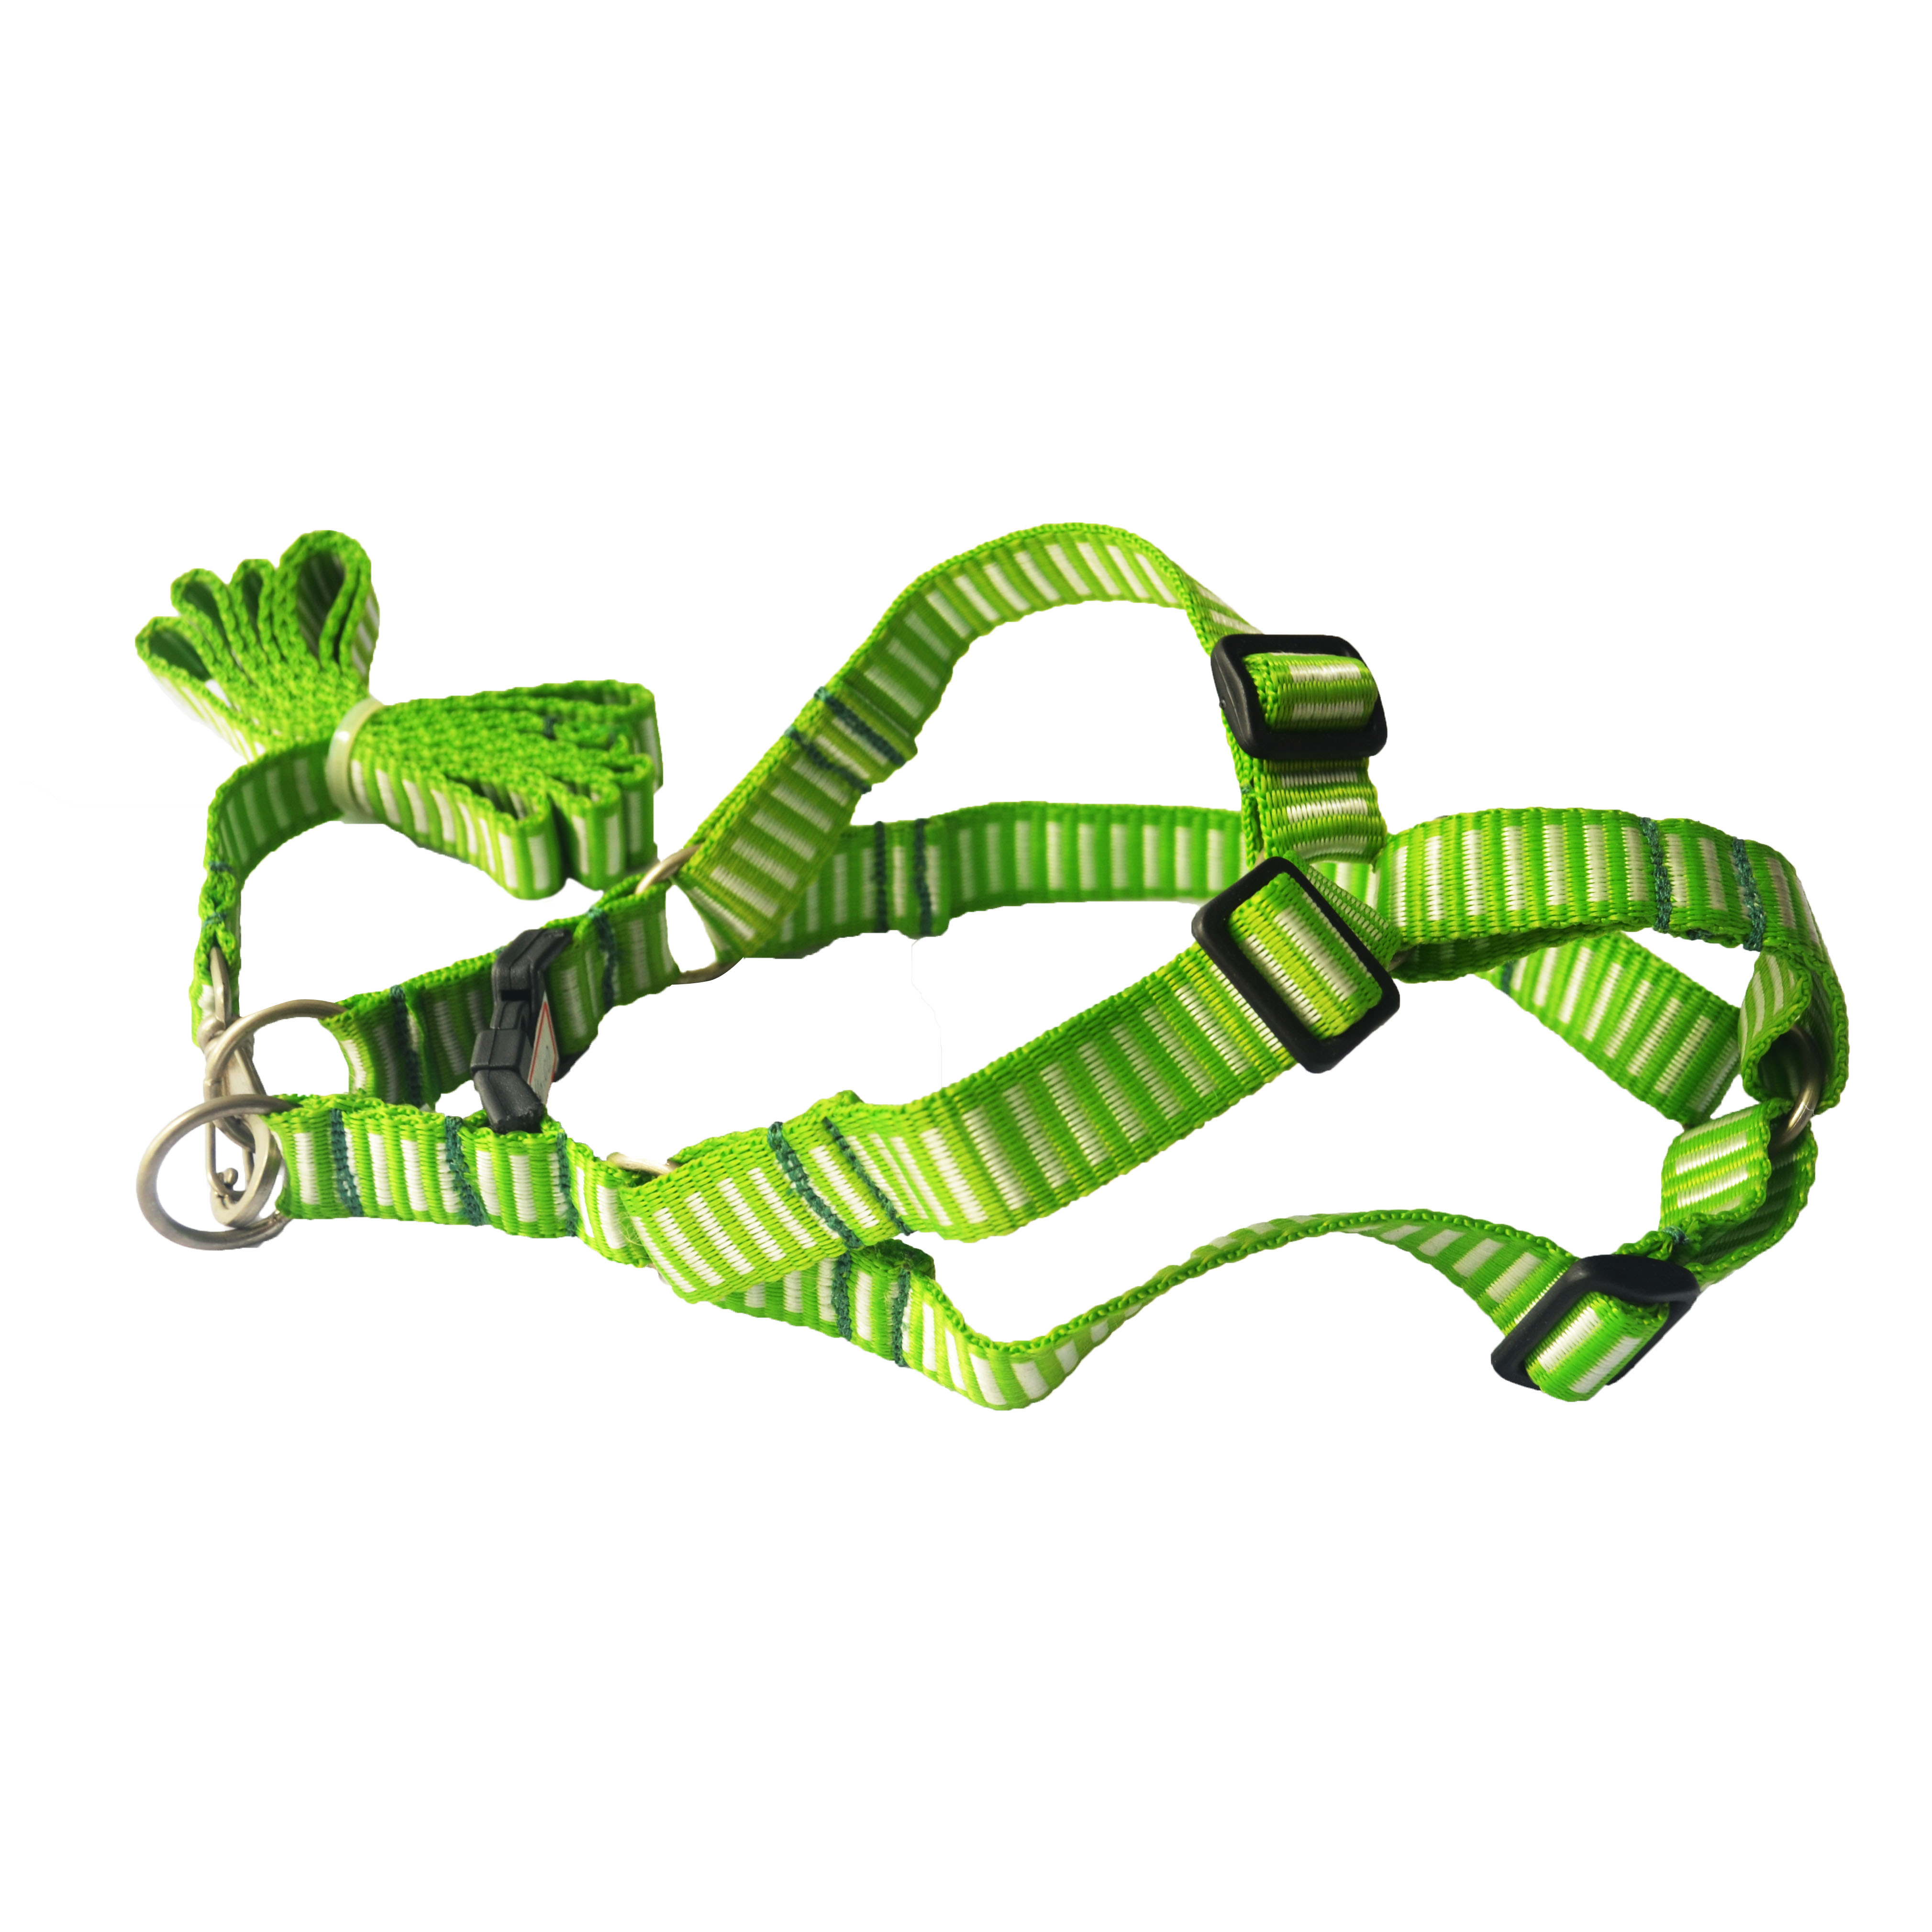 Peitoral ajustável com Guia green & white